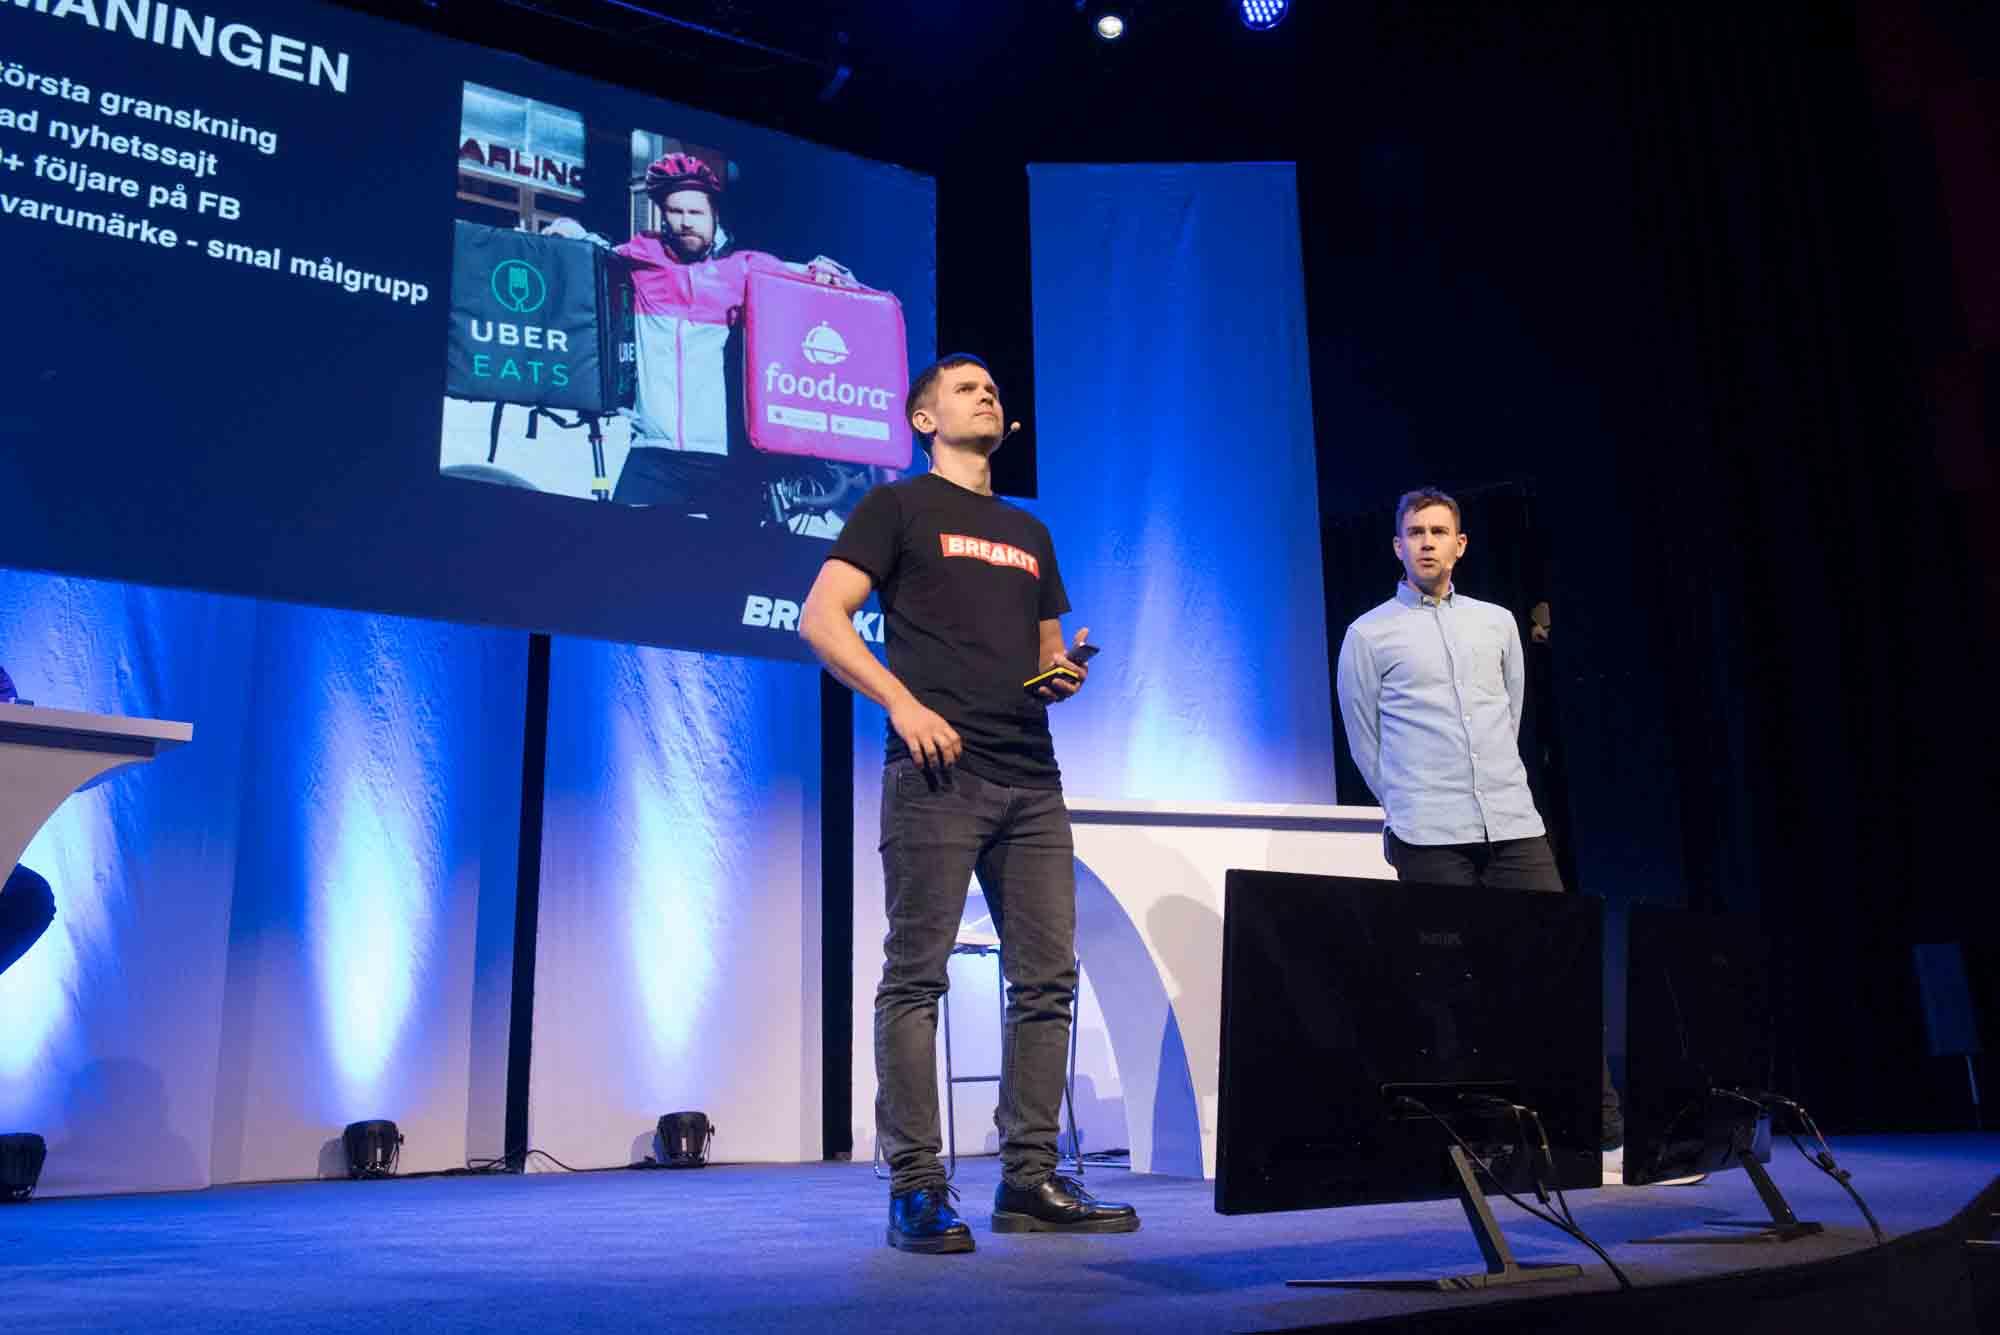 Erik Wisterberg och Jon Mauno Pettersson, Breakit. Foto: Anette Persson.